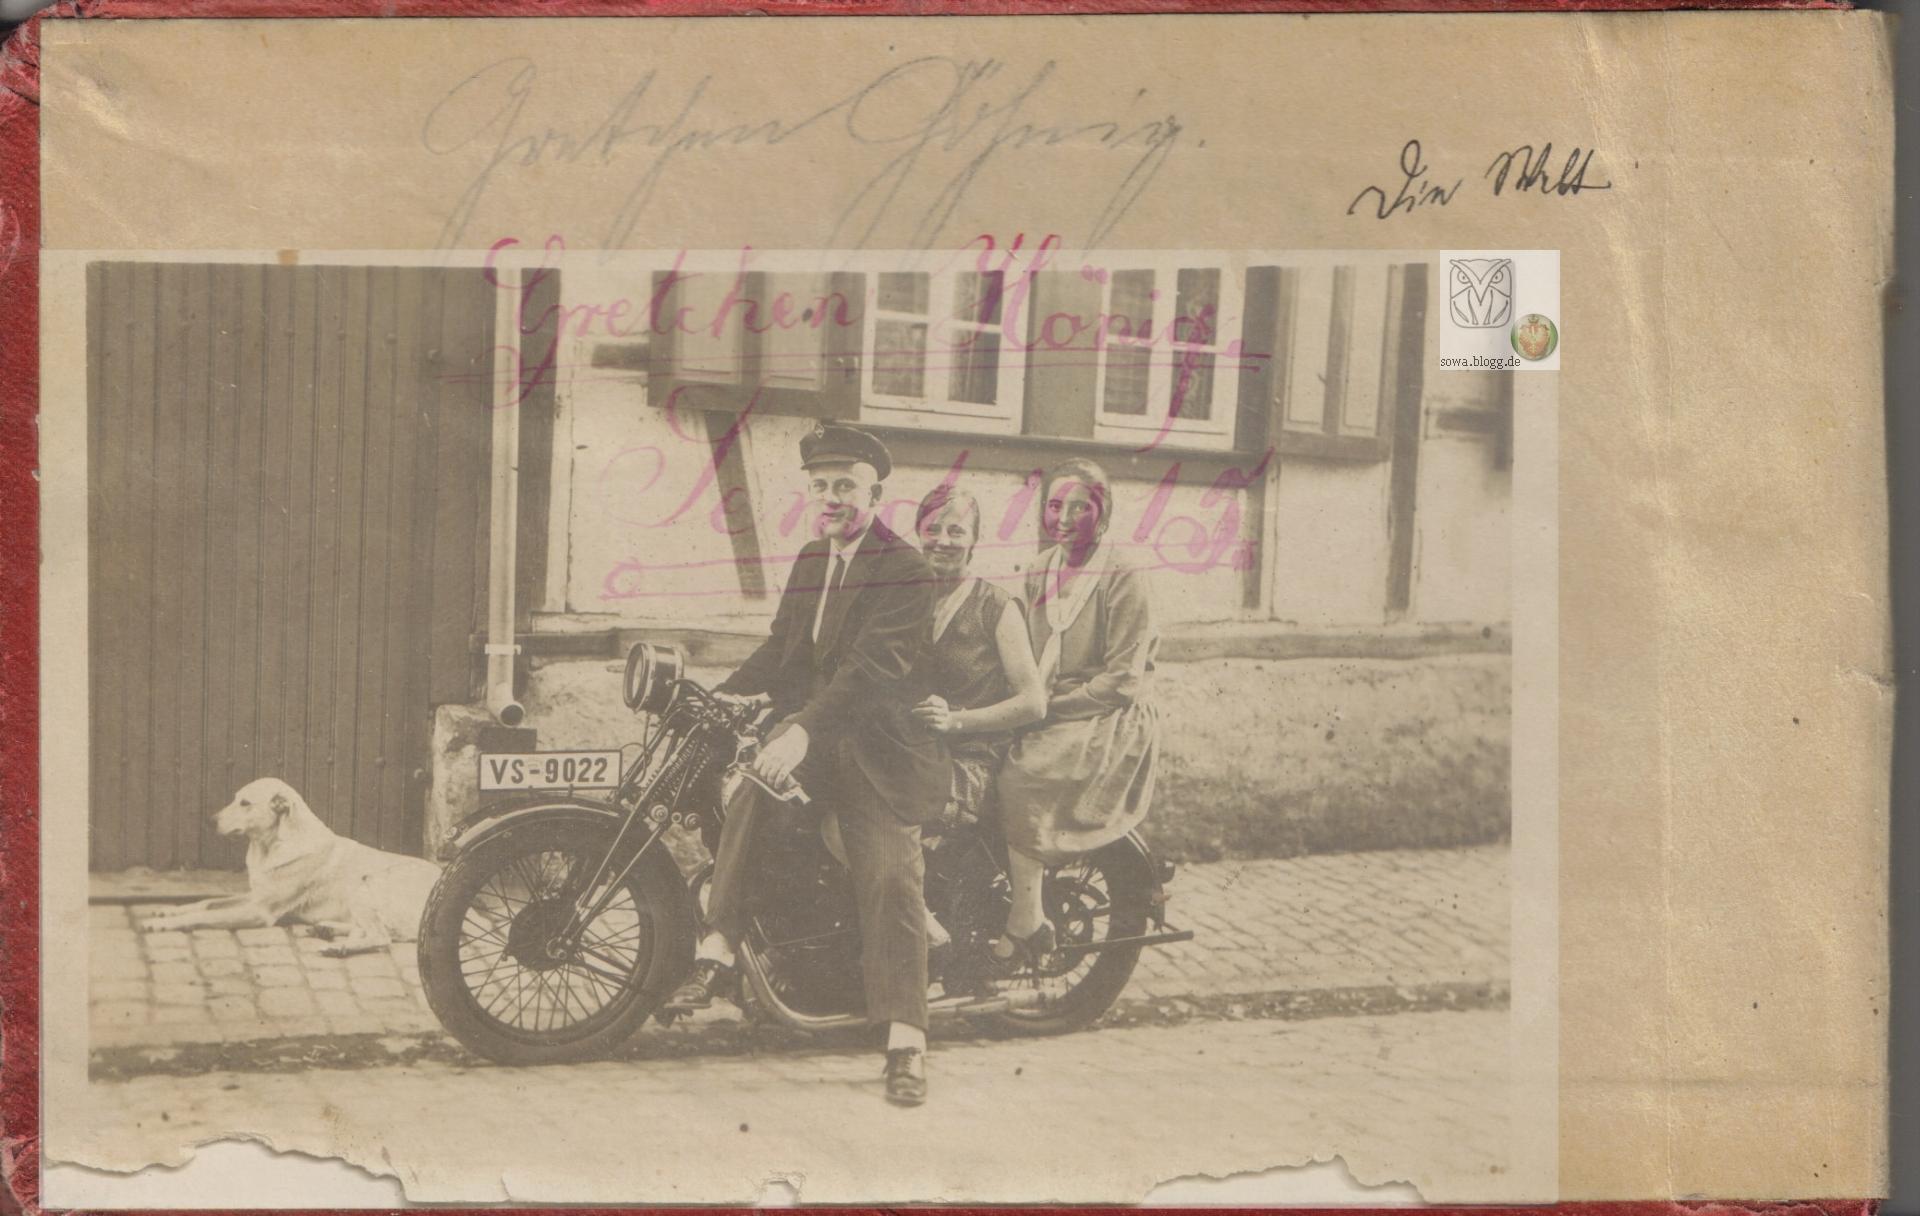 Stefan Kosiewski: Gretchen Hönig (Collage)